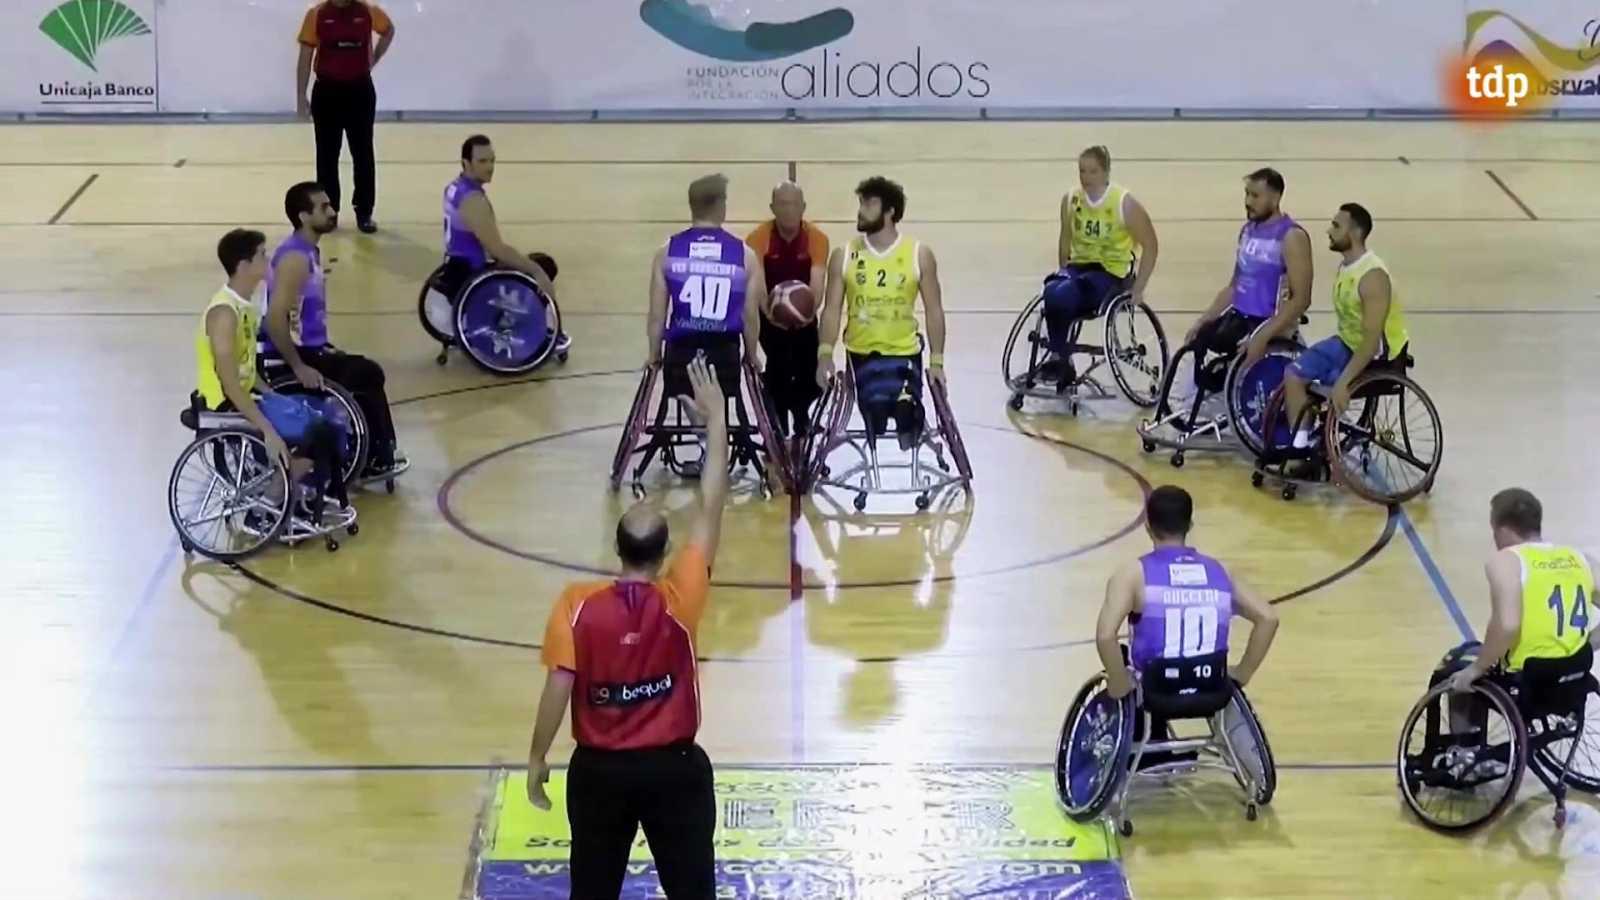 Baloncesto en silla de ruedas - Liga BSR División honor. Resumen jornada 16 - ver ahora